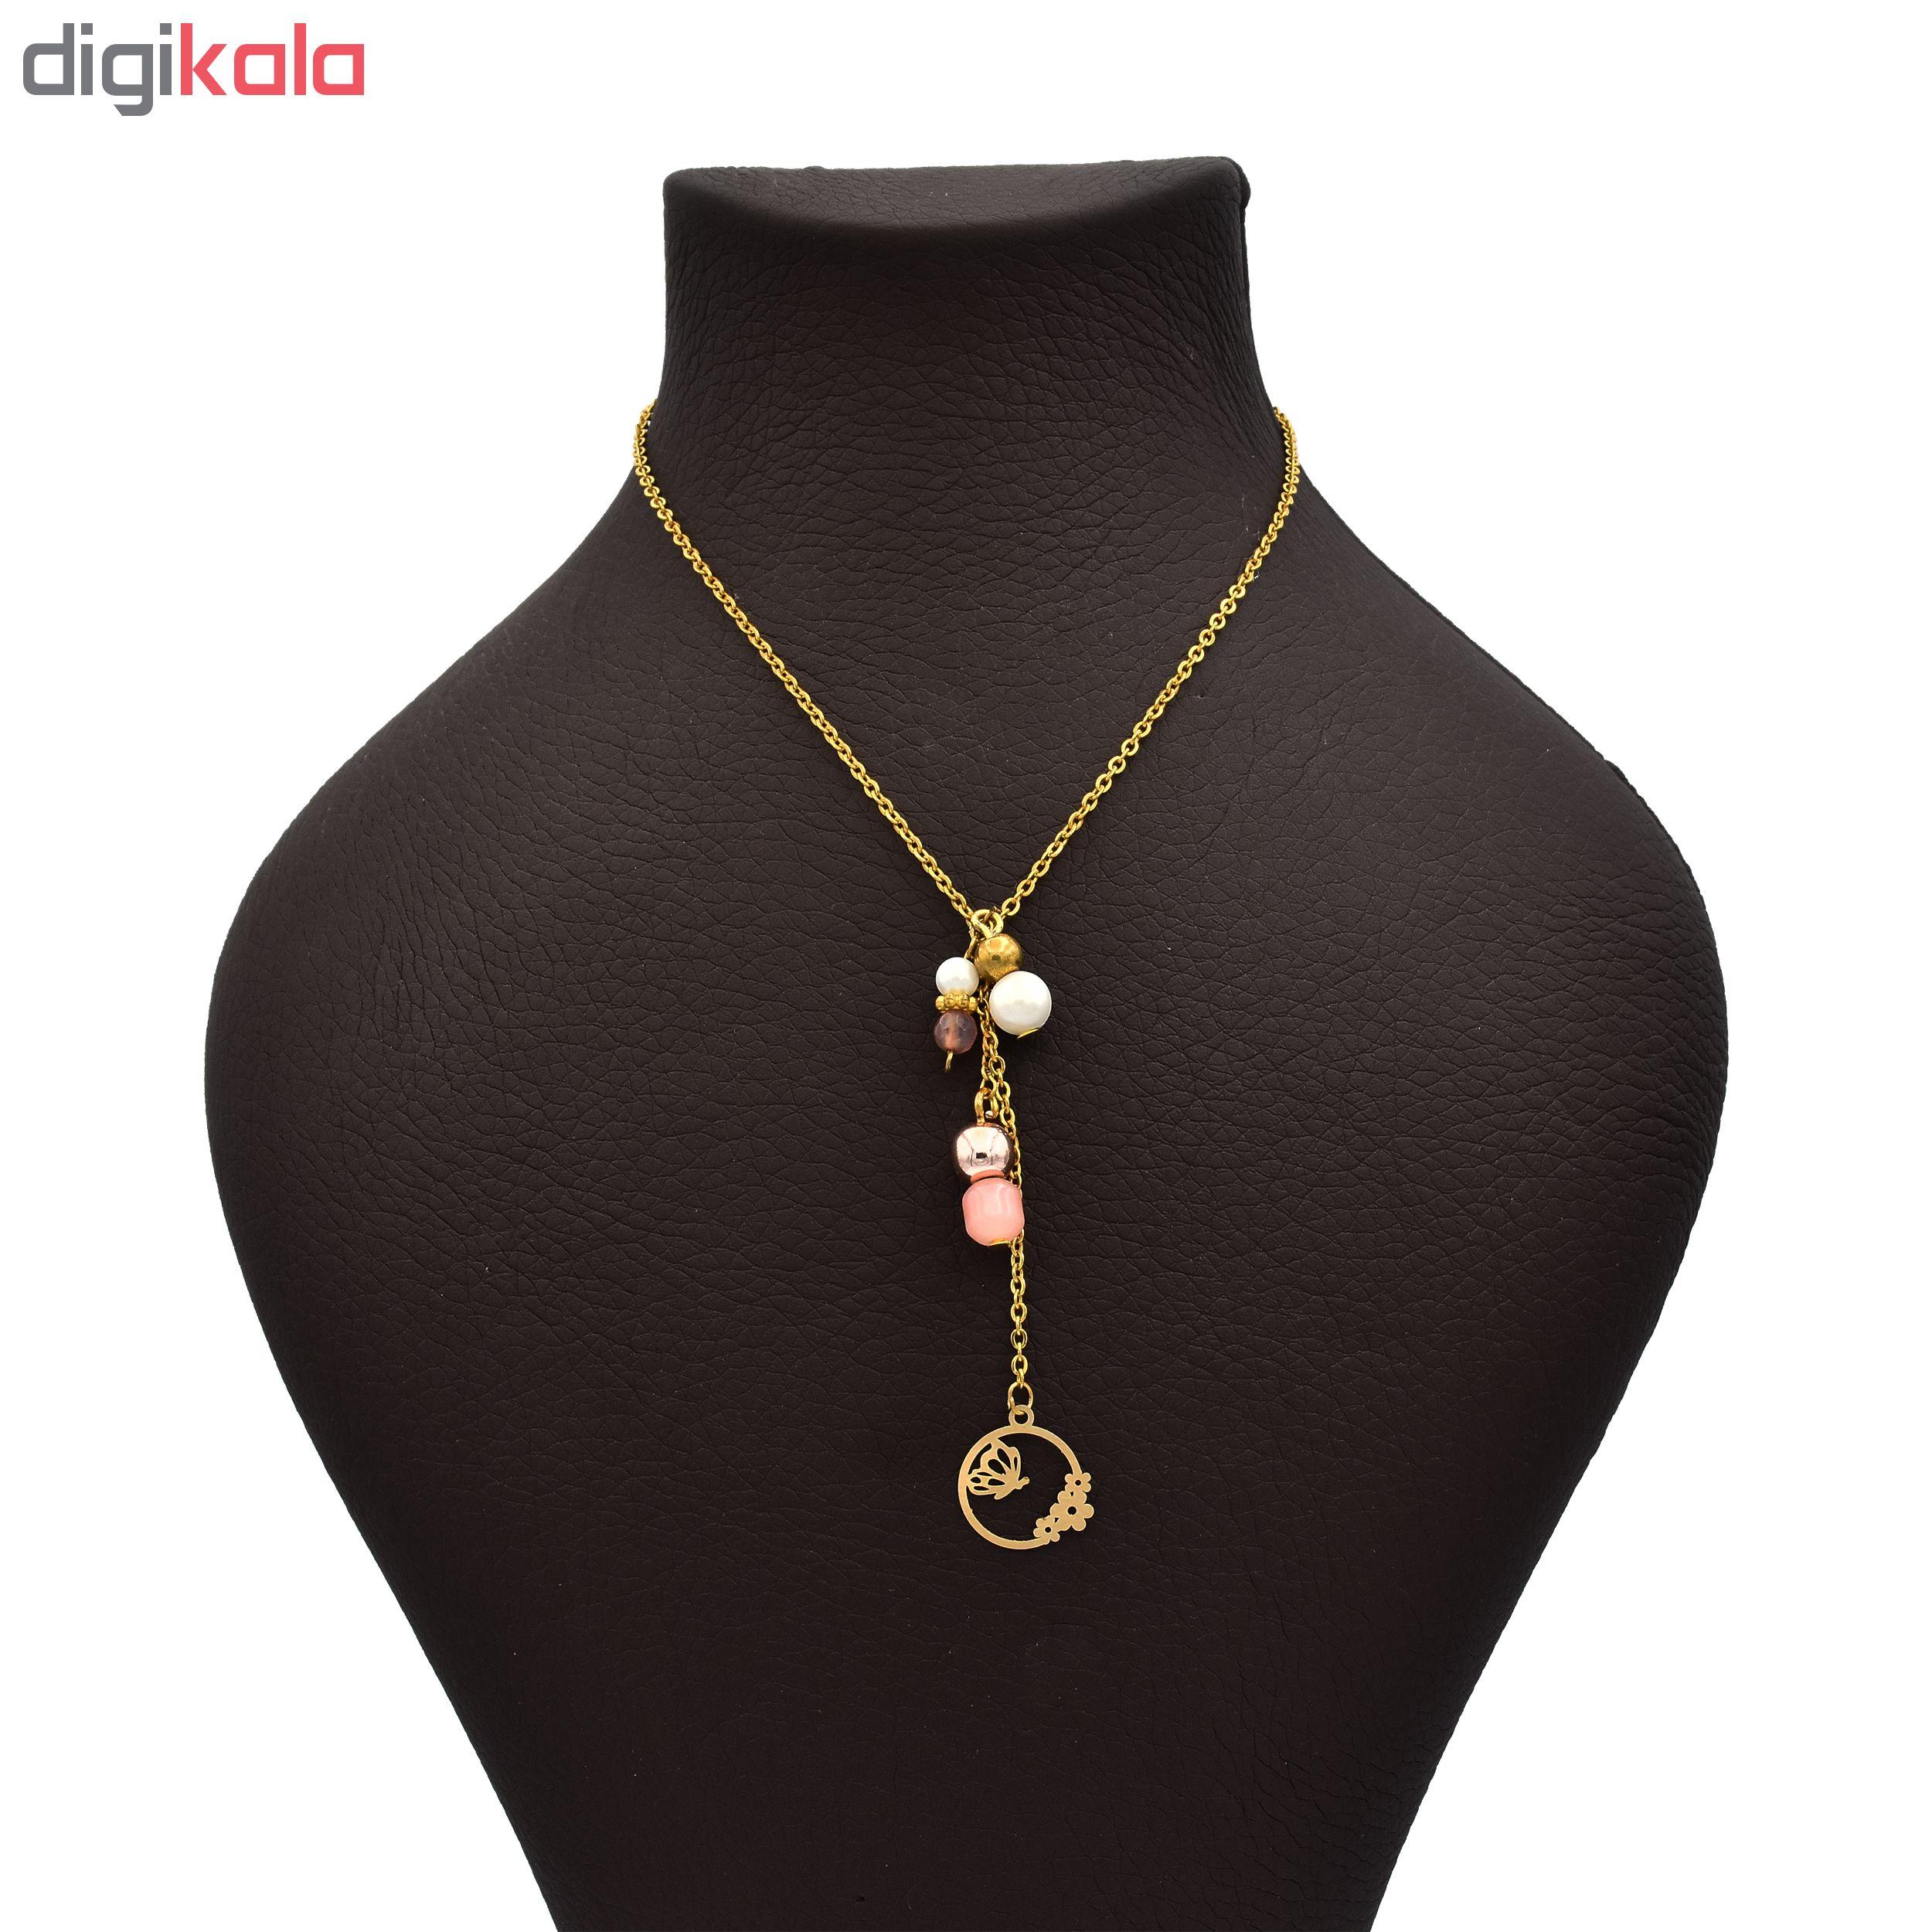 گردنبند طلا 18 عیار زنانه طرح پروانه کد 432M150